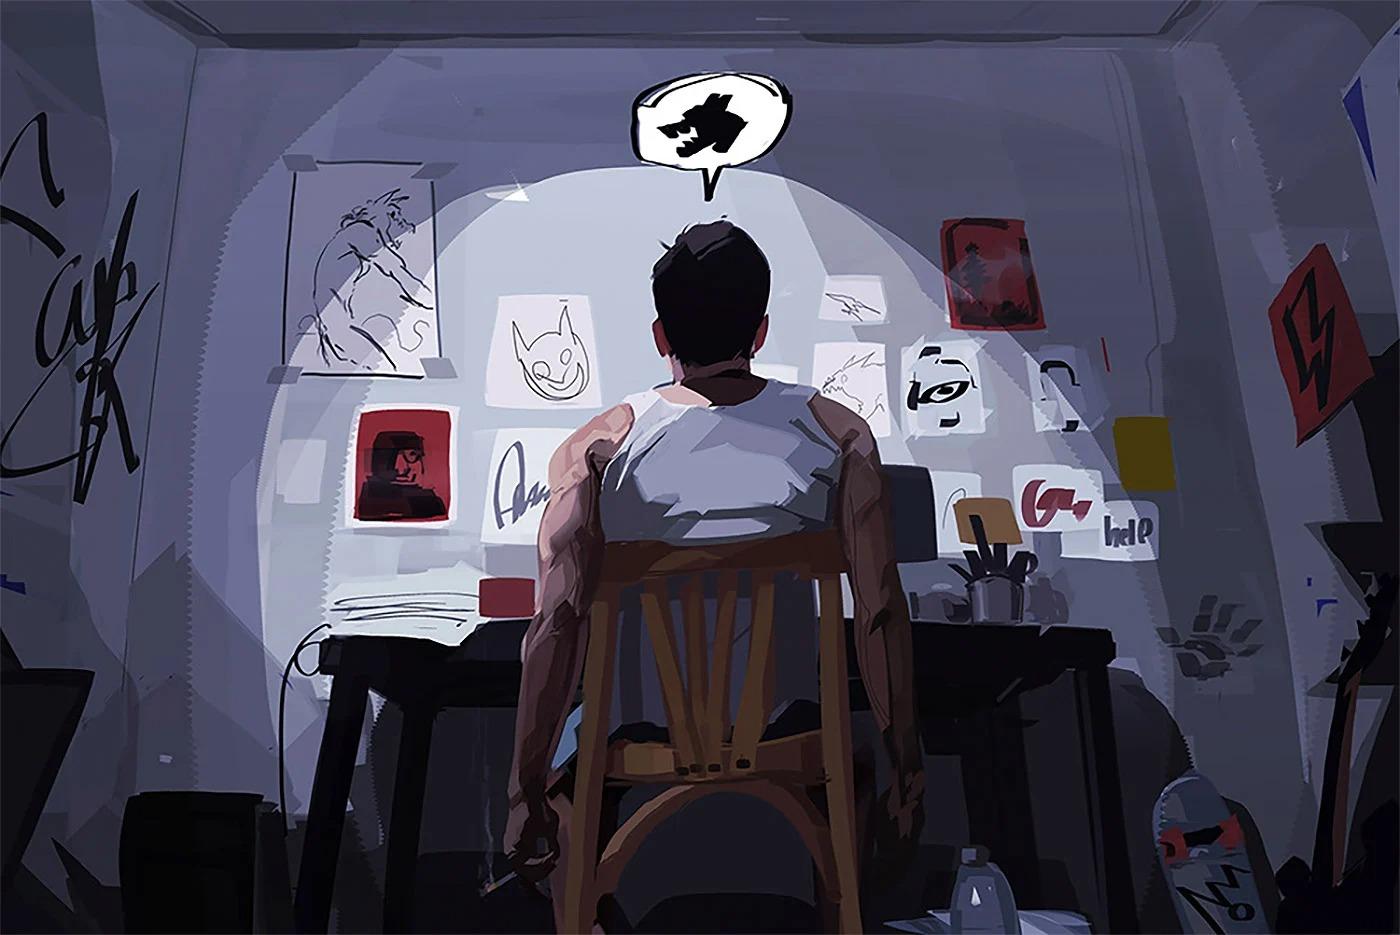 Amr Adel概念风格插画作品